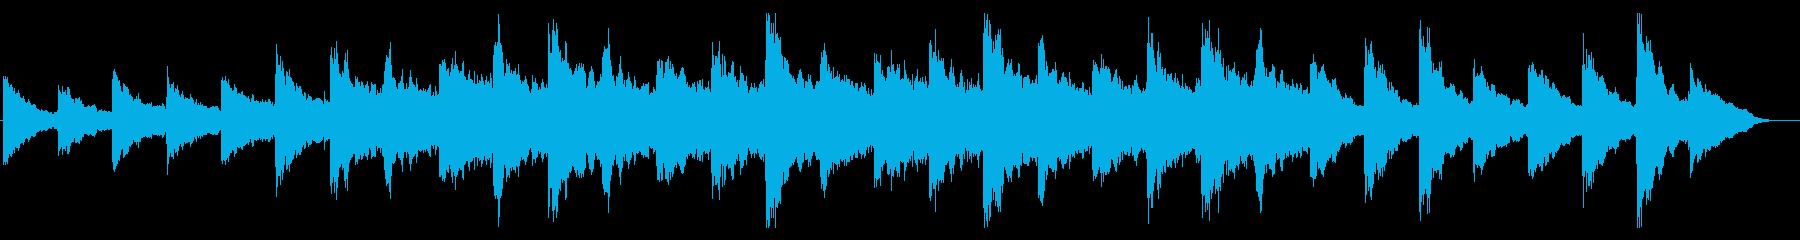 Ennui Sky アンビエントメロ無版の再生済みの波形